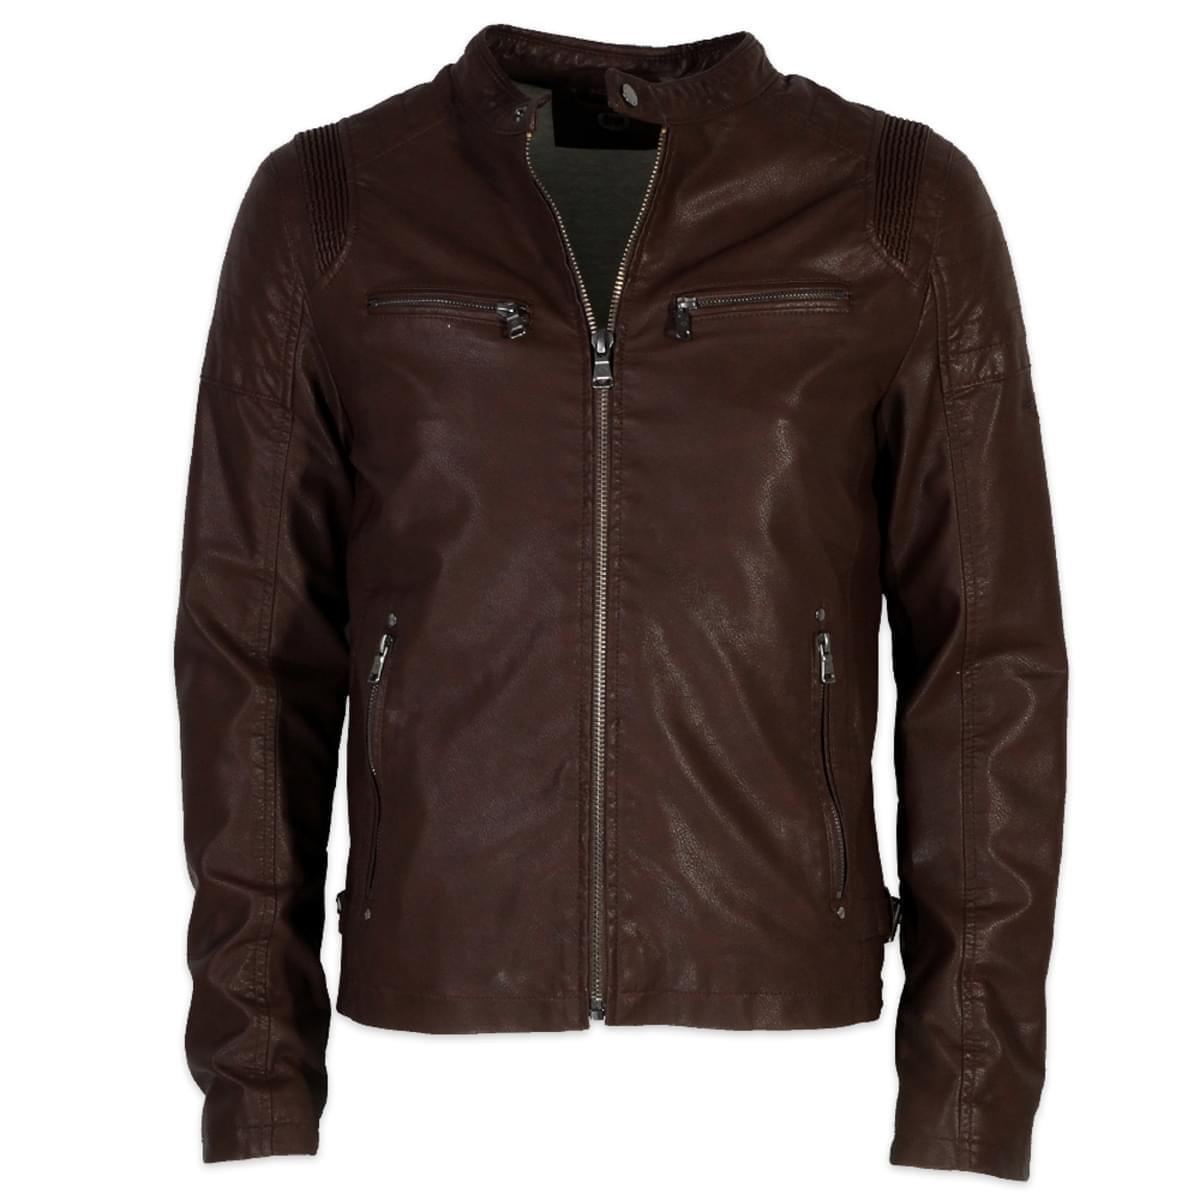 Pánska bunda z ekologické koža Donders 6378 v hnedé farbe 3XL